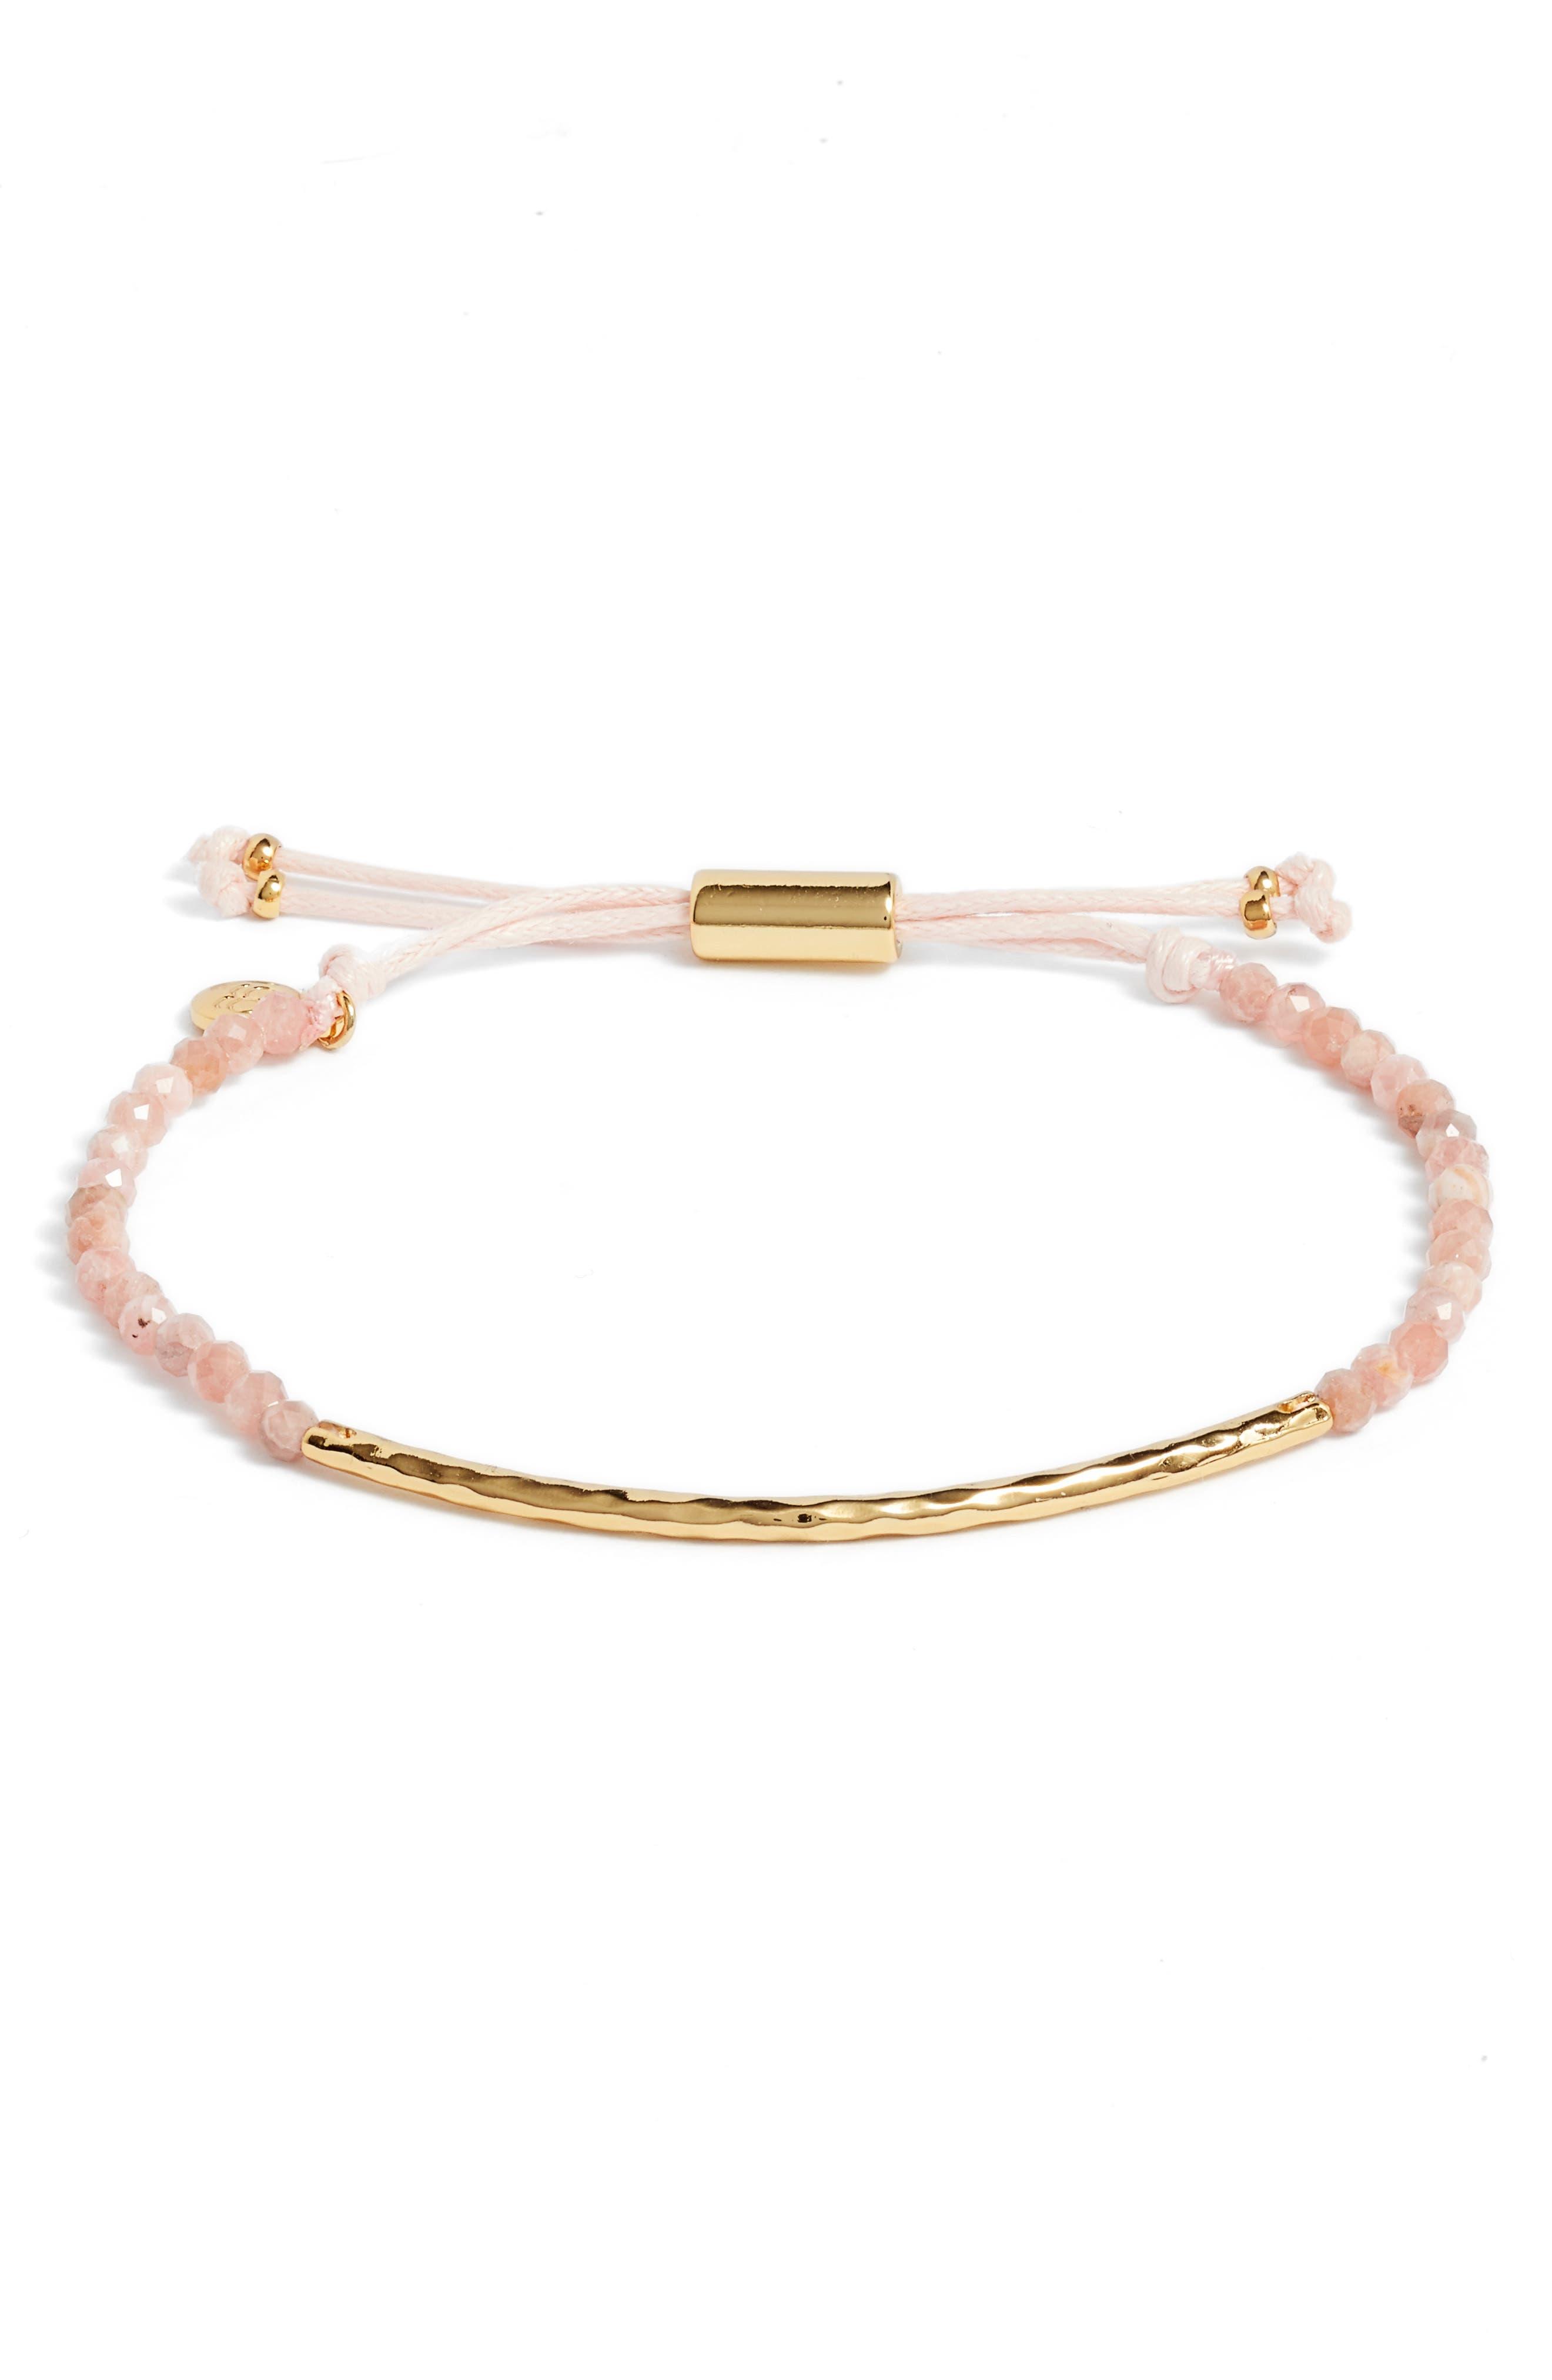 Compassion Gemstone Bracelet,                             Main thumbnail 1, color,                             650